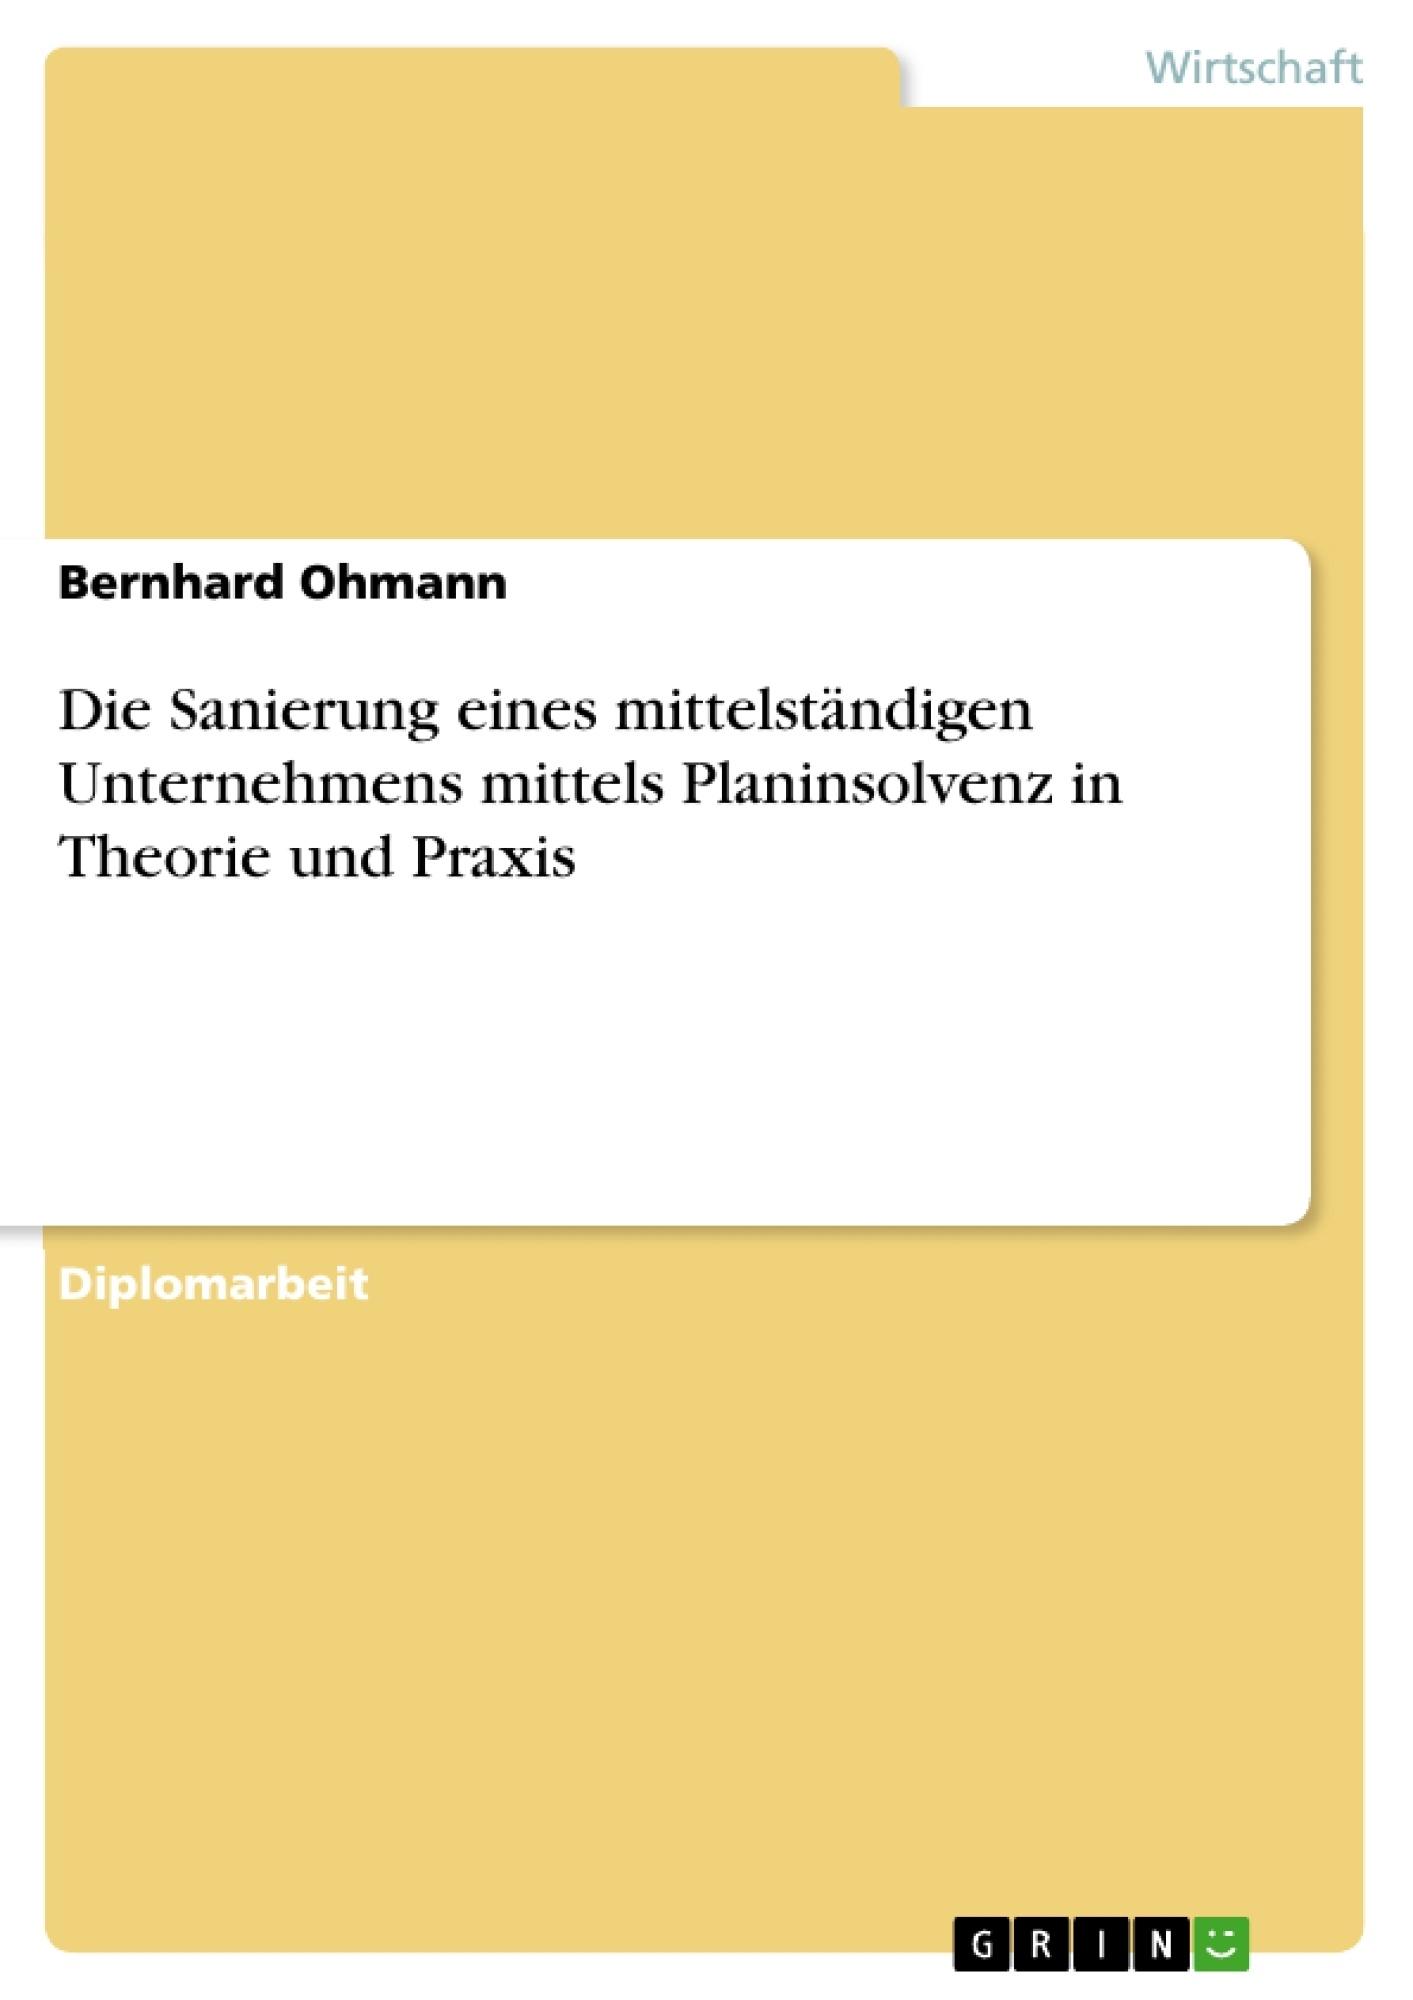 Titel: Die Sanierung eines mittelständigen Unternehmens mittels Planinsolvenz in Theorie und Praxis